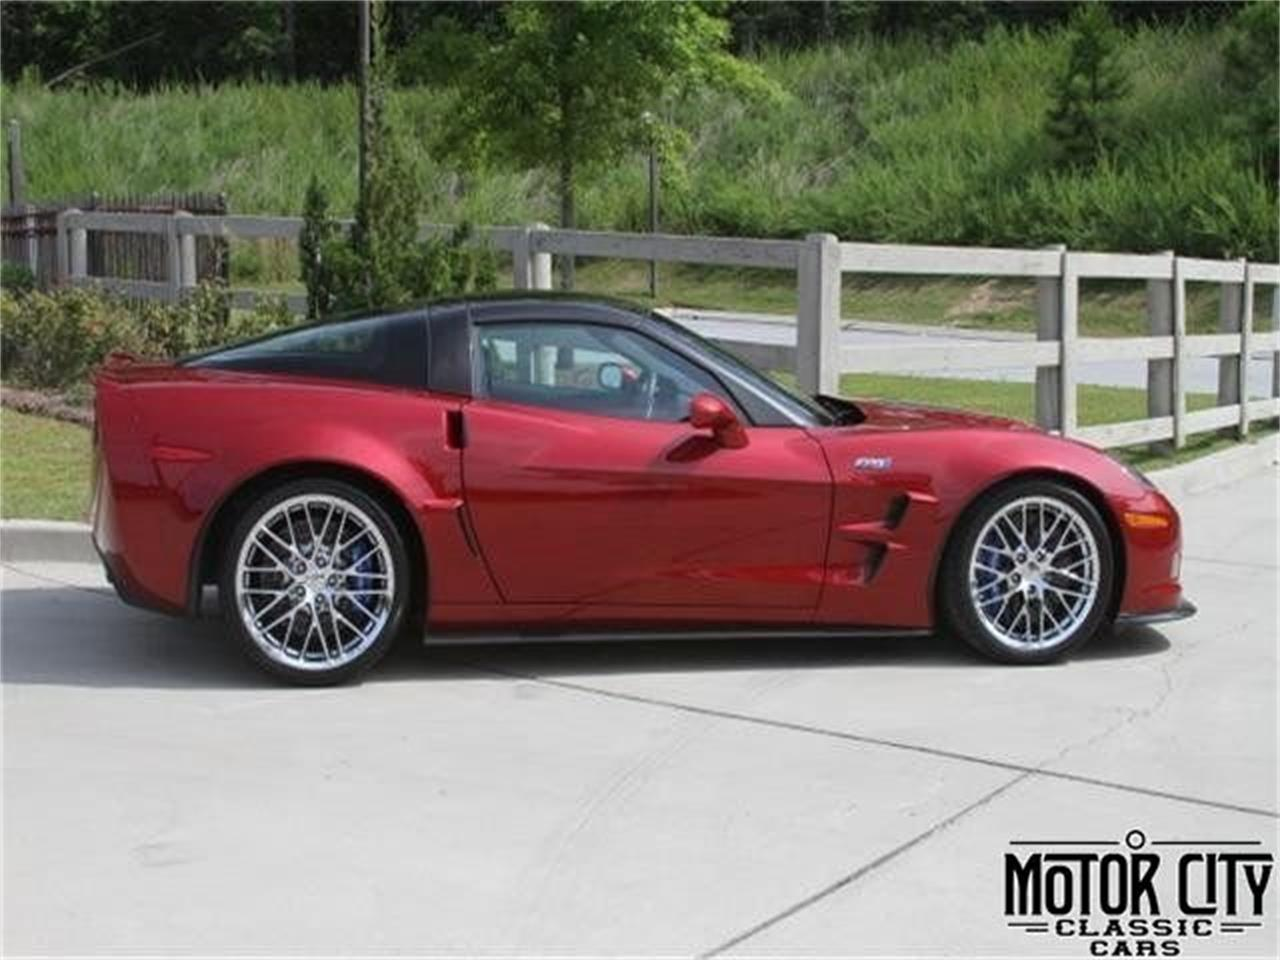 2010 Chevrolet Corvette (CC-1040085) for sale in Vero Beach, Florida